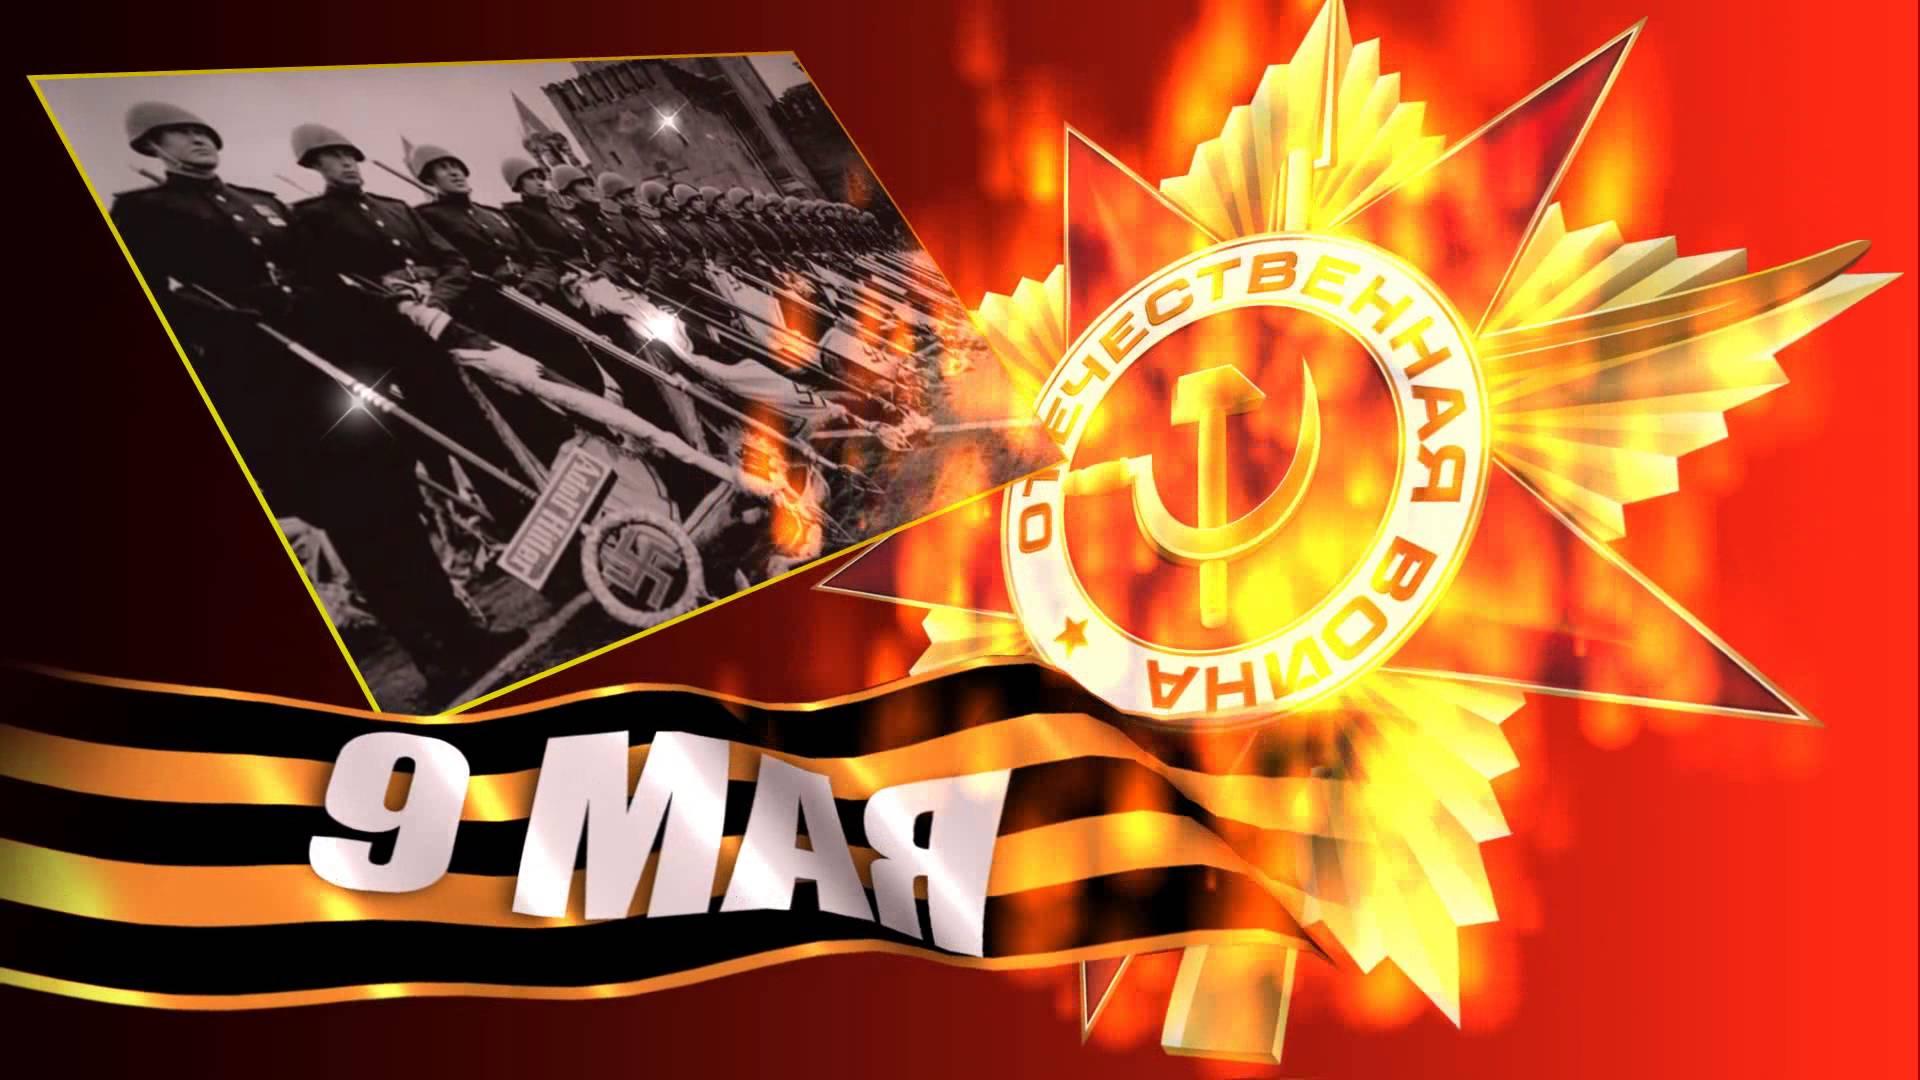 9 мая, горящая звезда, георгиевская ленточка и ретро-фото